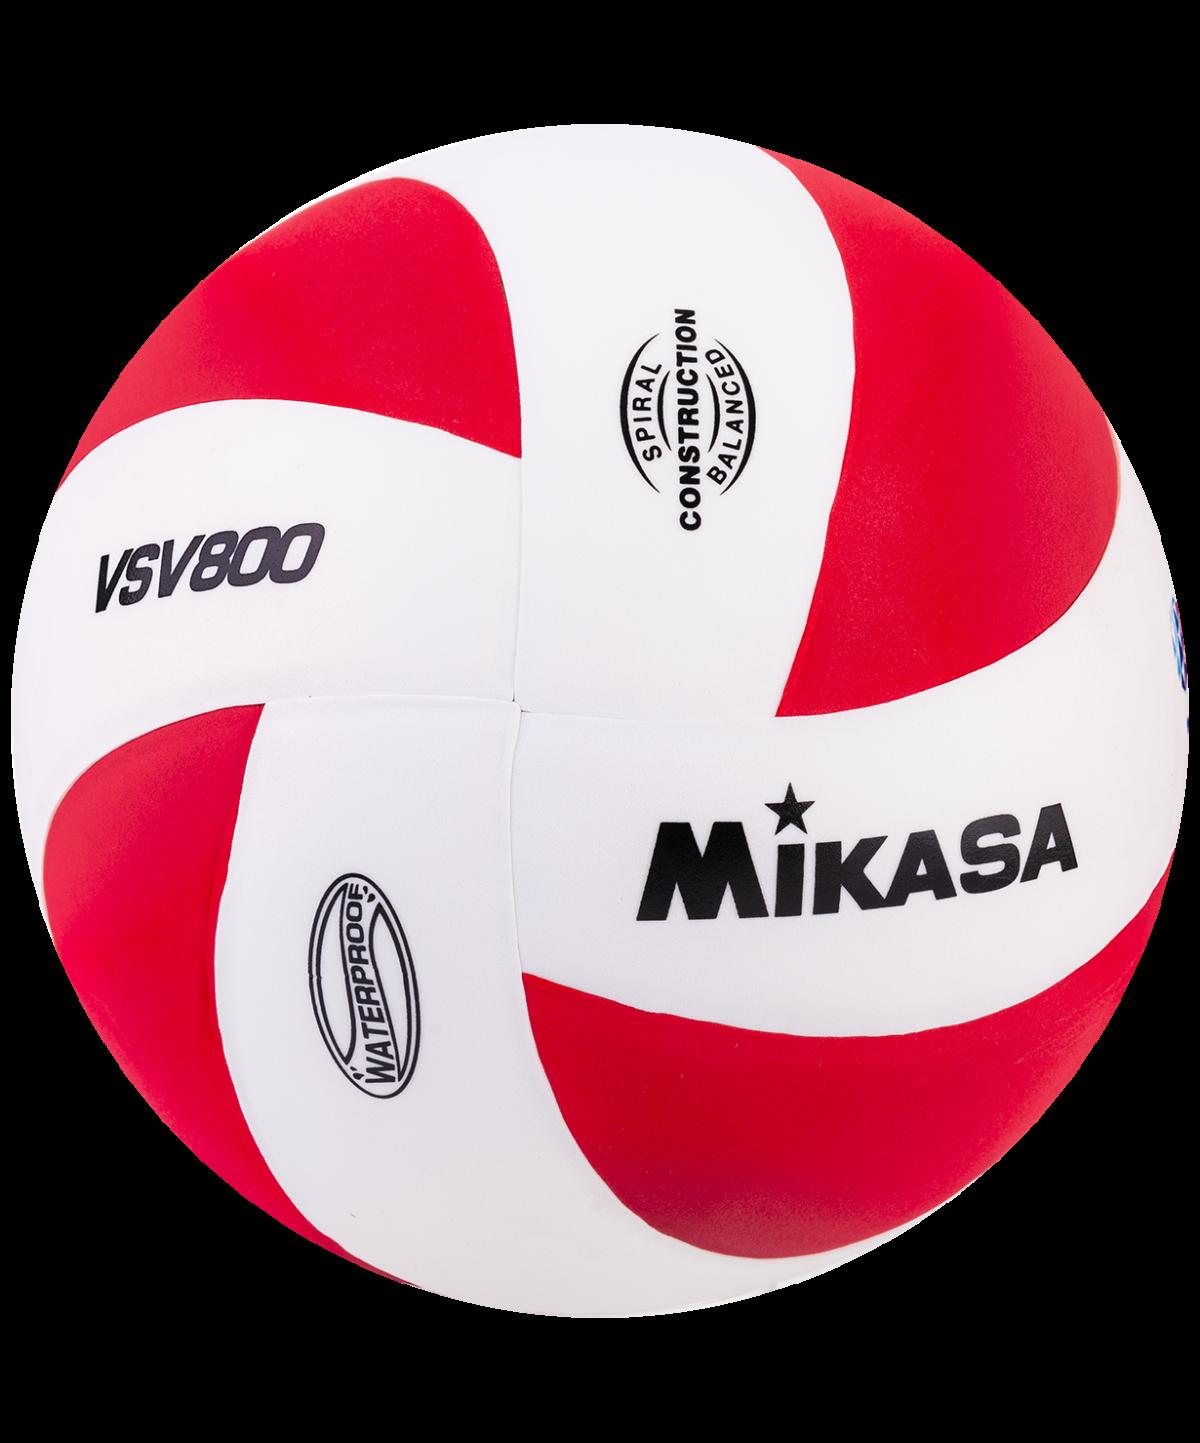 MIKASA Мяч волейбольный VSV800 WR №5 - 1